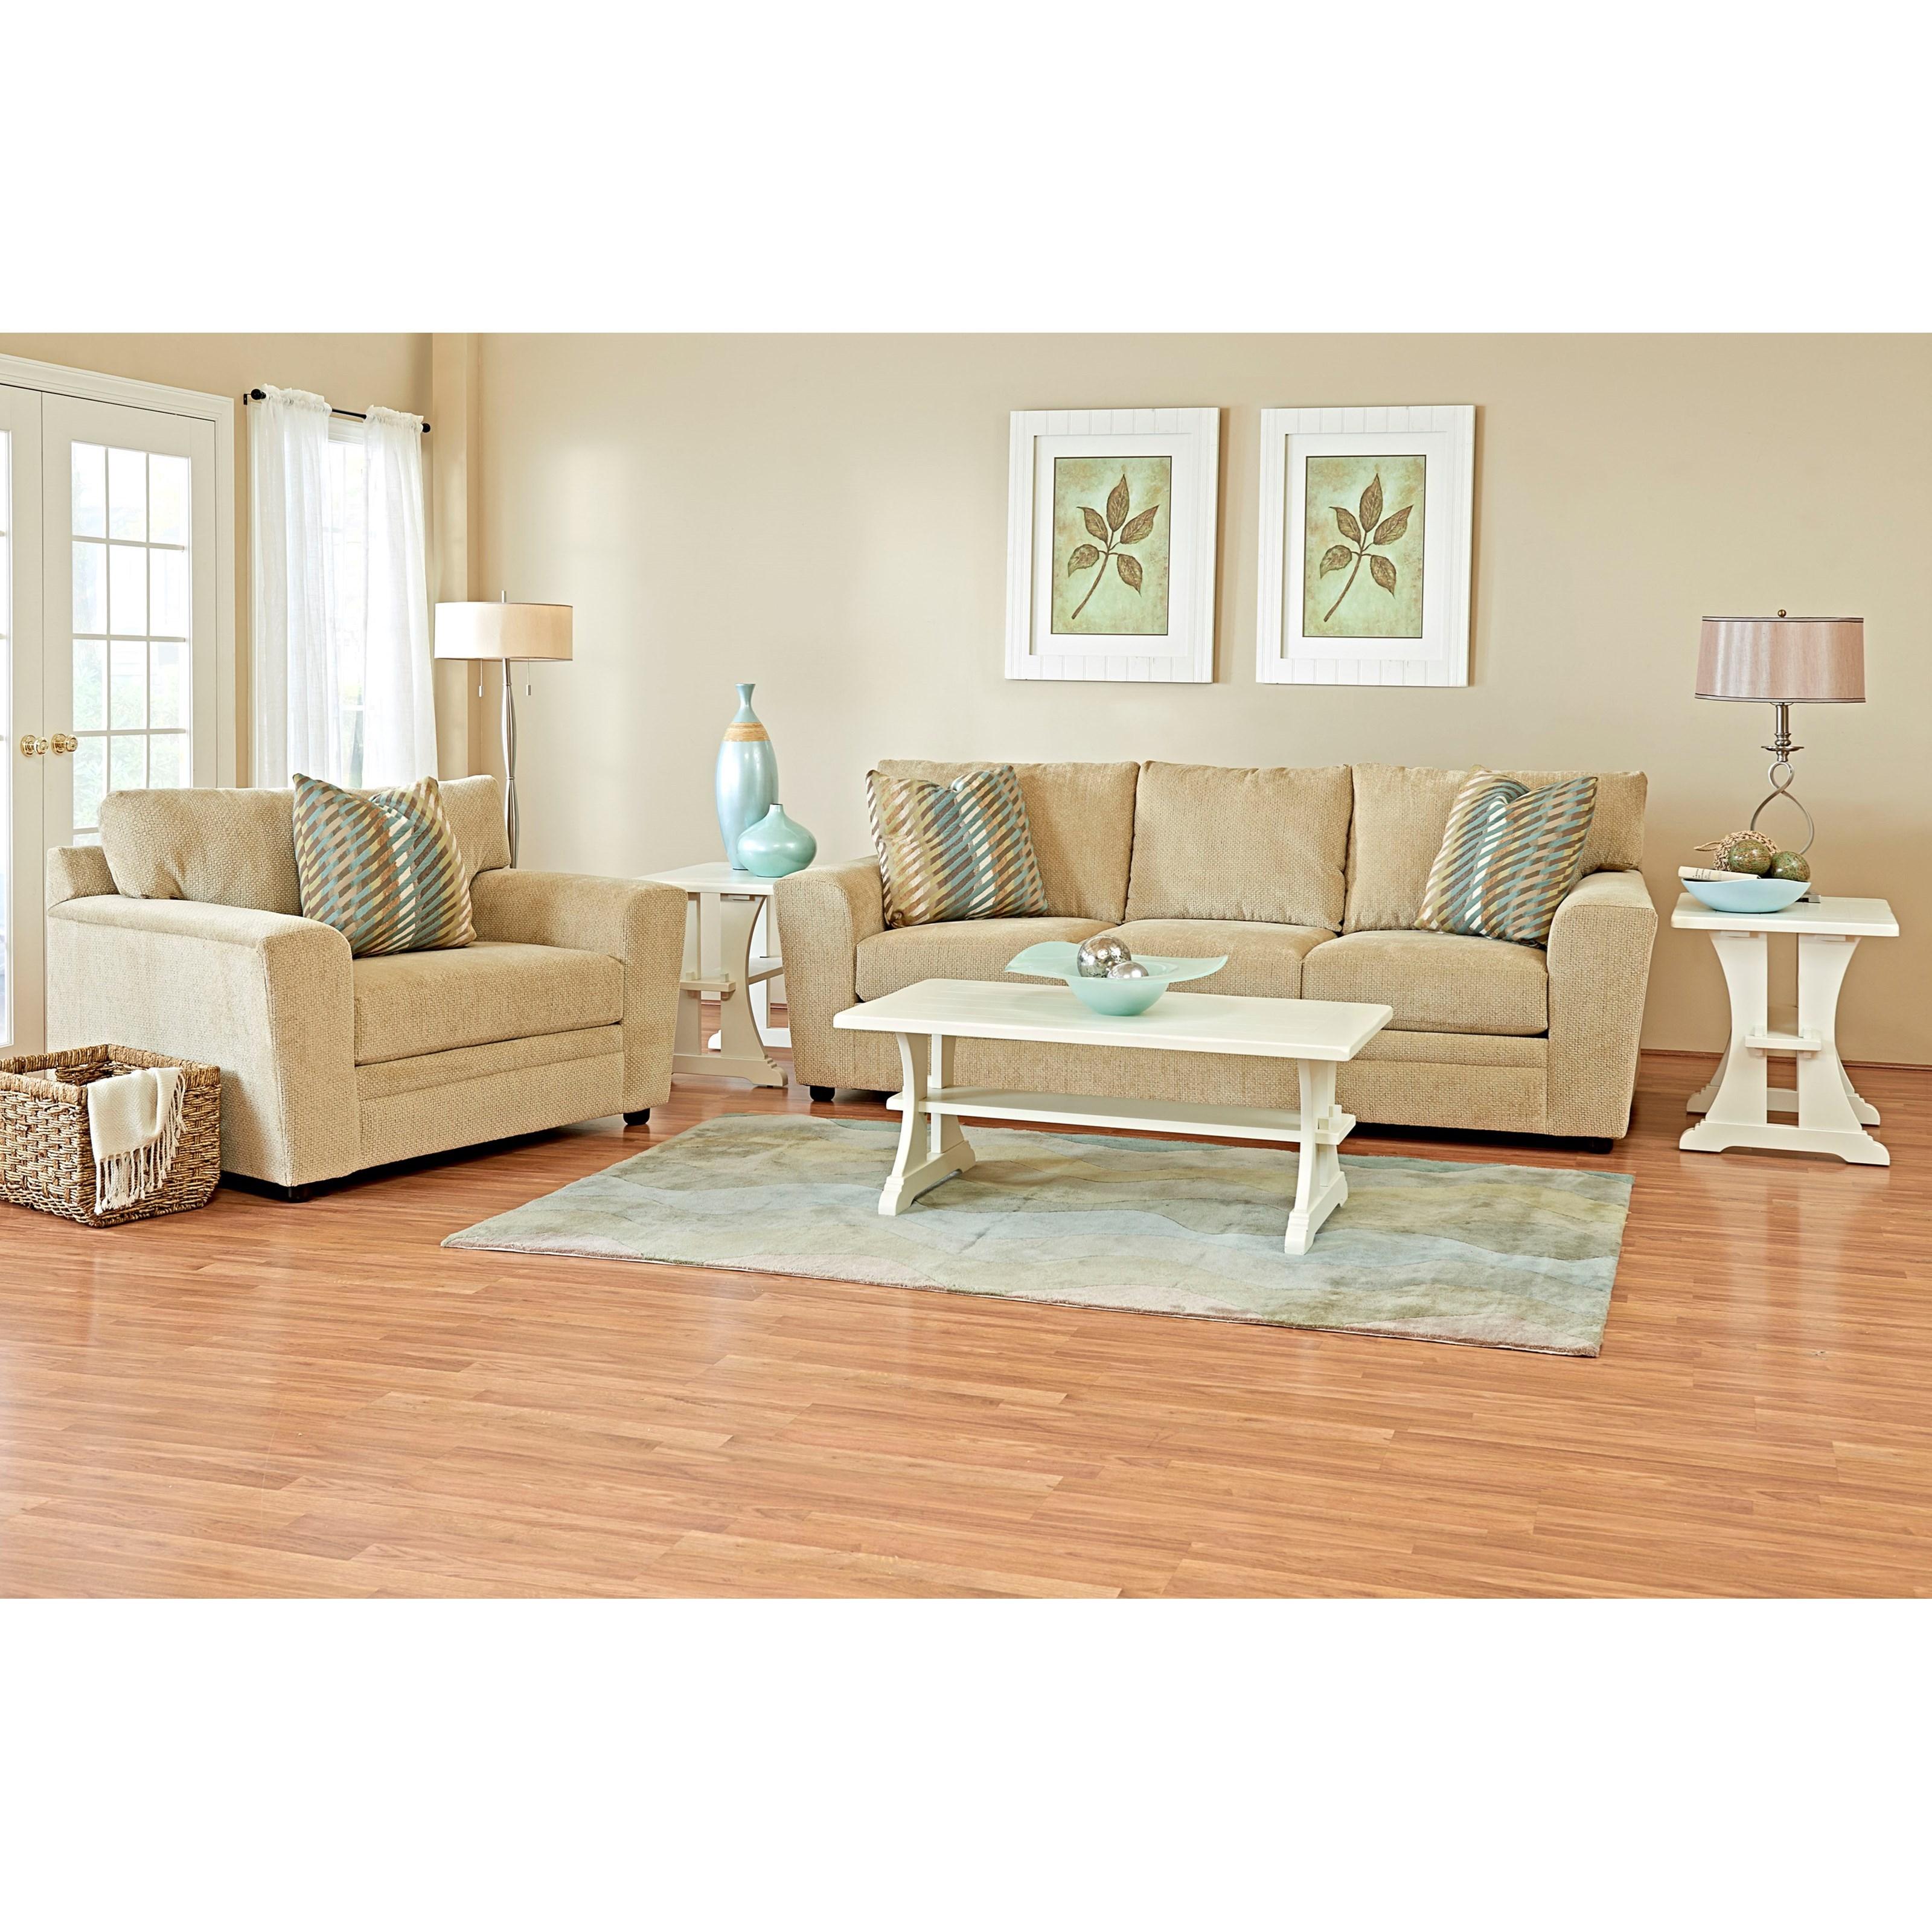 Klaussner Ashburn Living Room Group - Item Number: K67400 Living Room Group 1